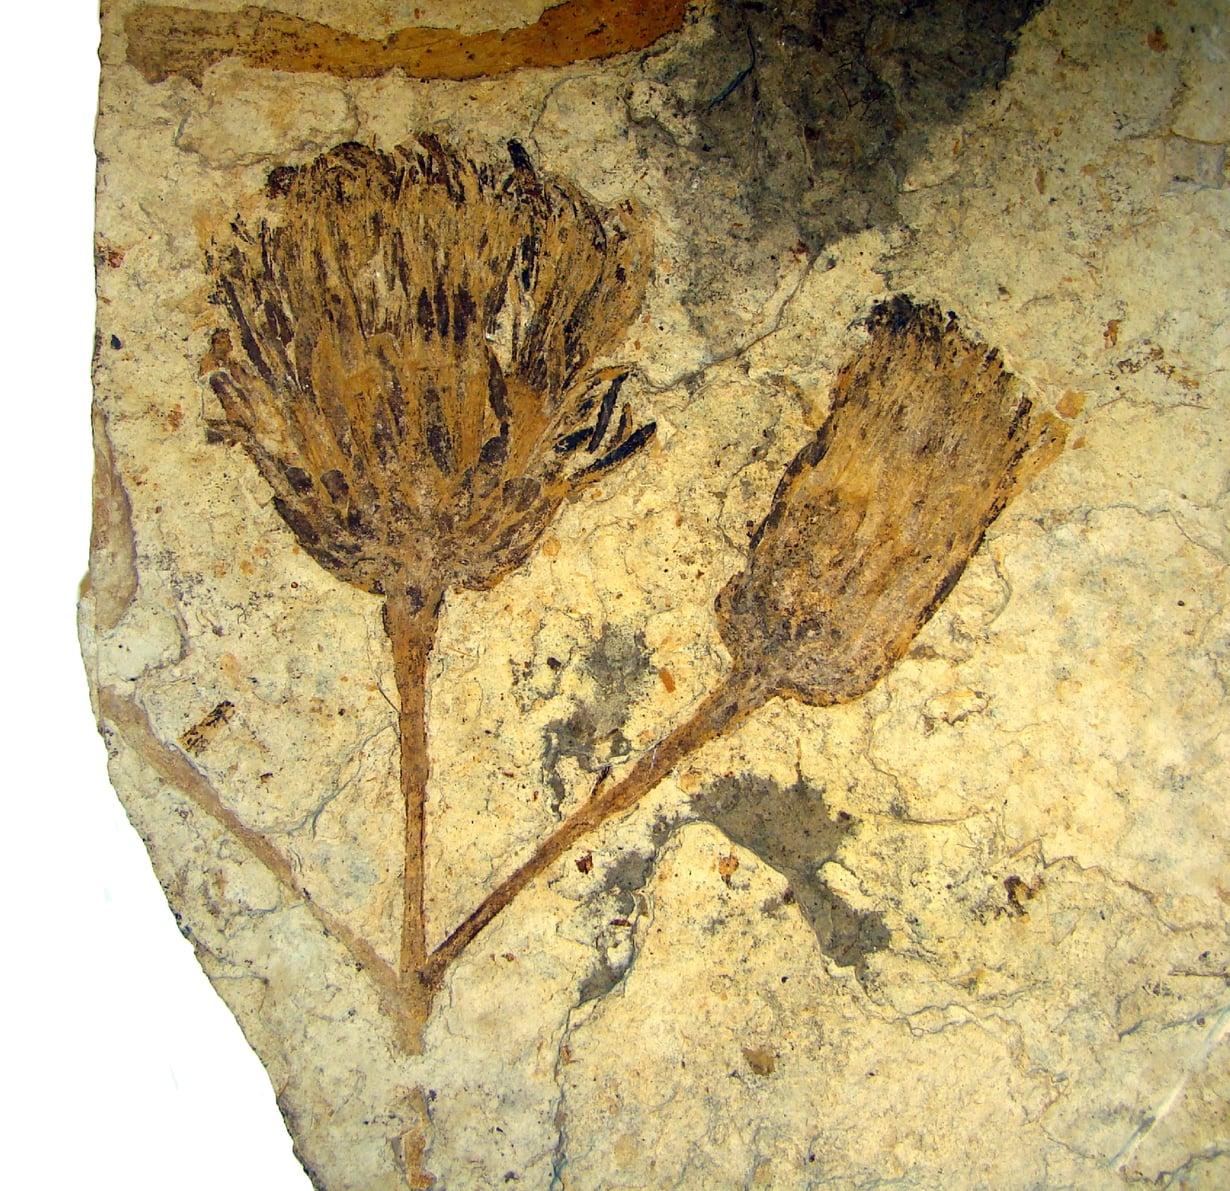 Tämä auringonkukan ja päivänkakkaran muinainen sukulainen kukki Patagoniassa noin 50 miljoonaa vuotta sitten.